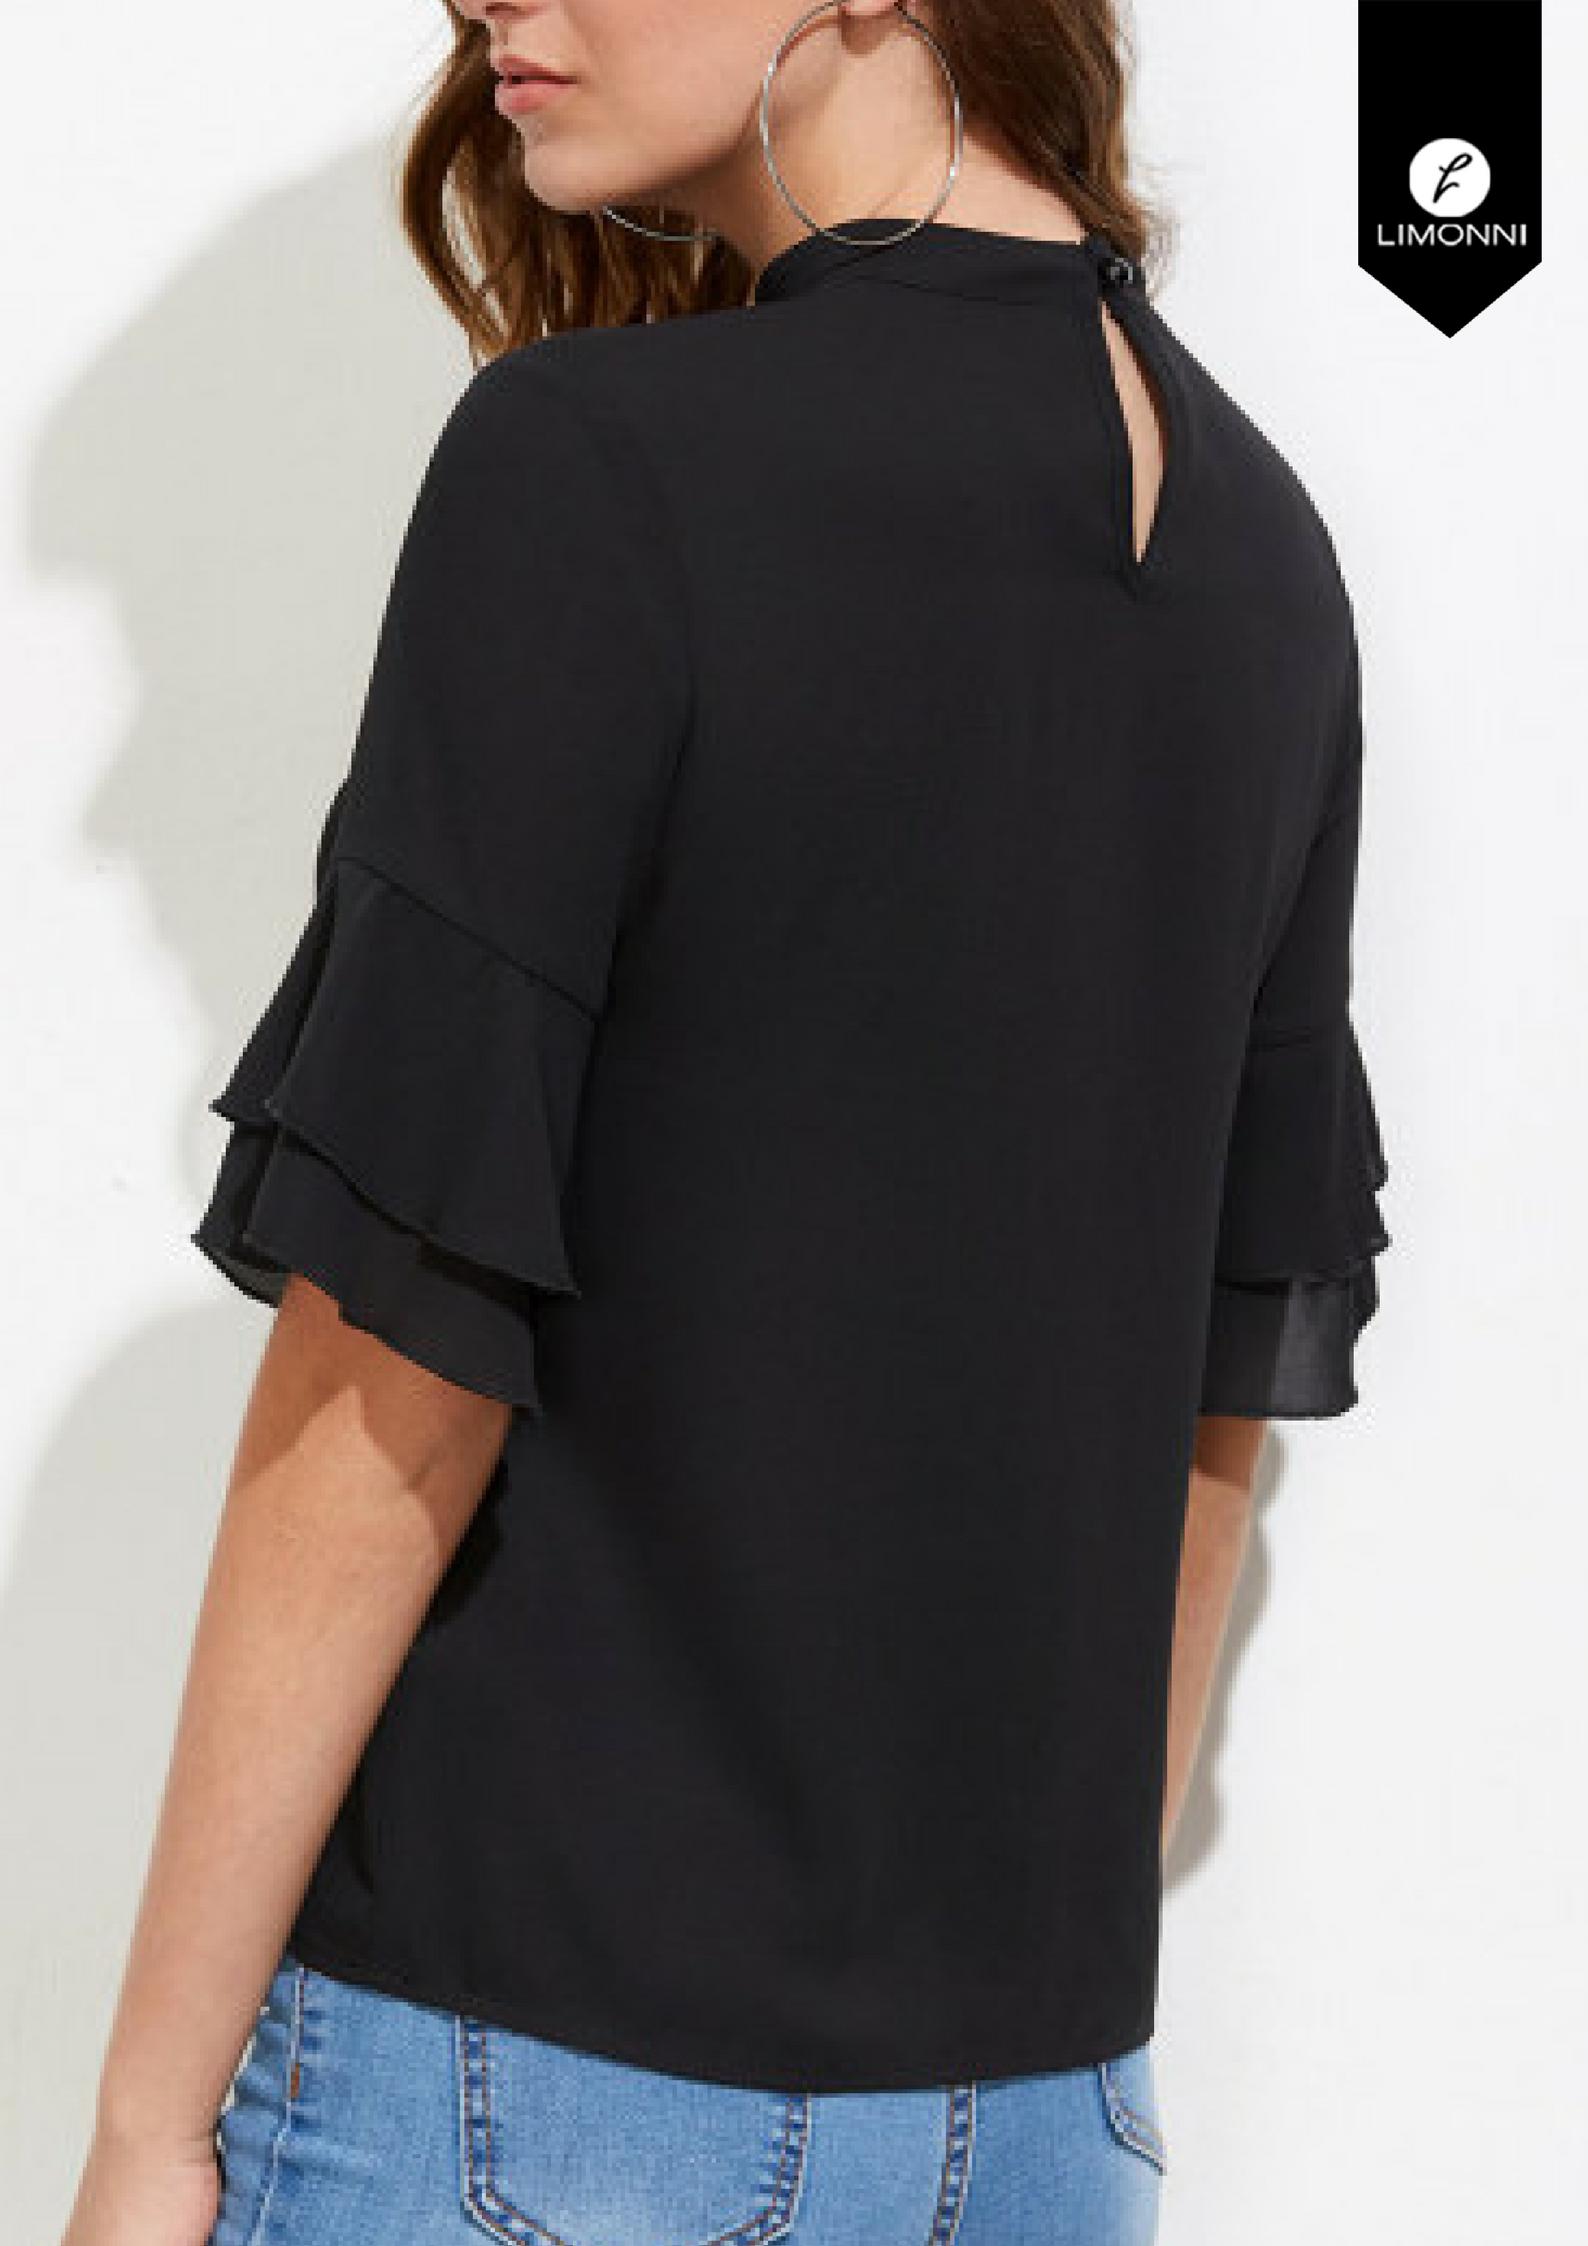 Blusas para mujer Limonni Novalee LI1476 Casuales